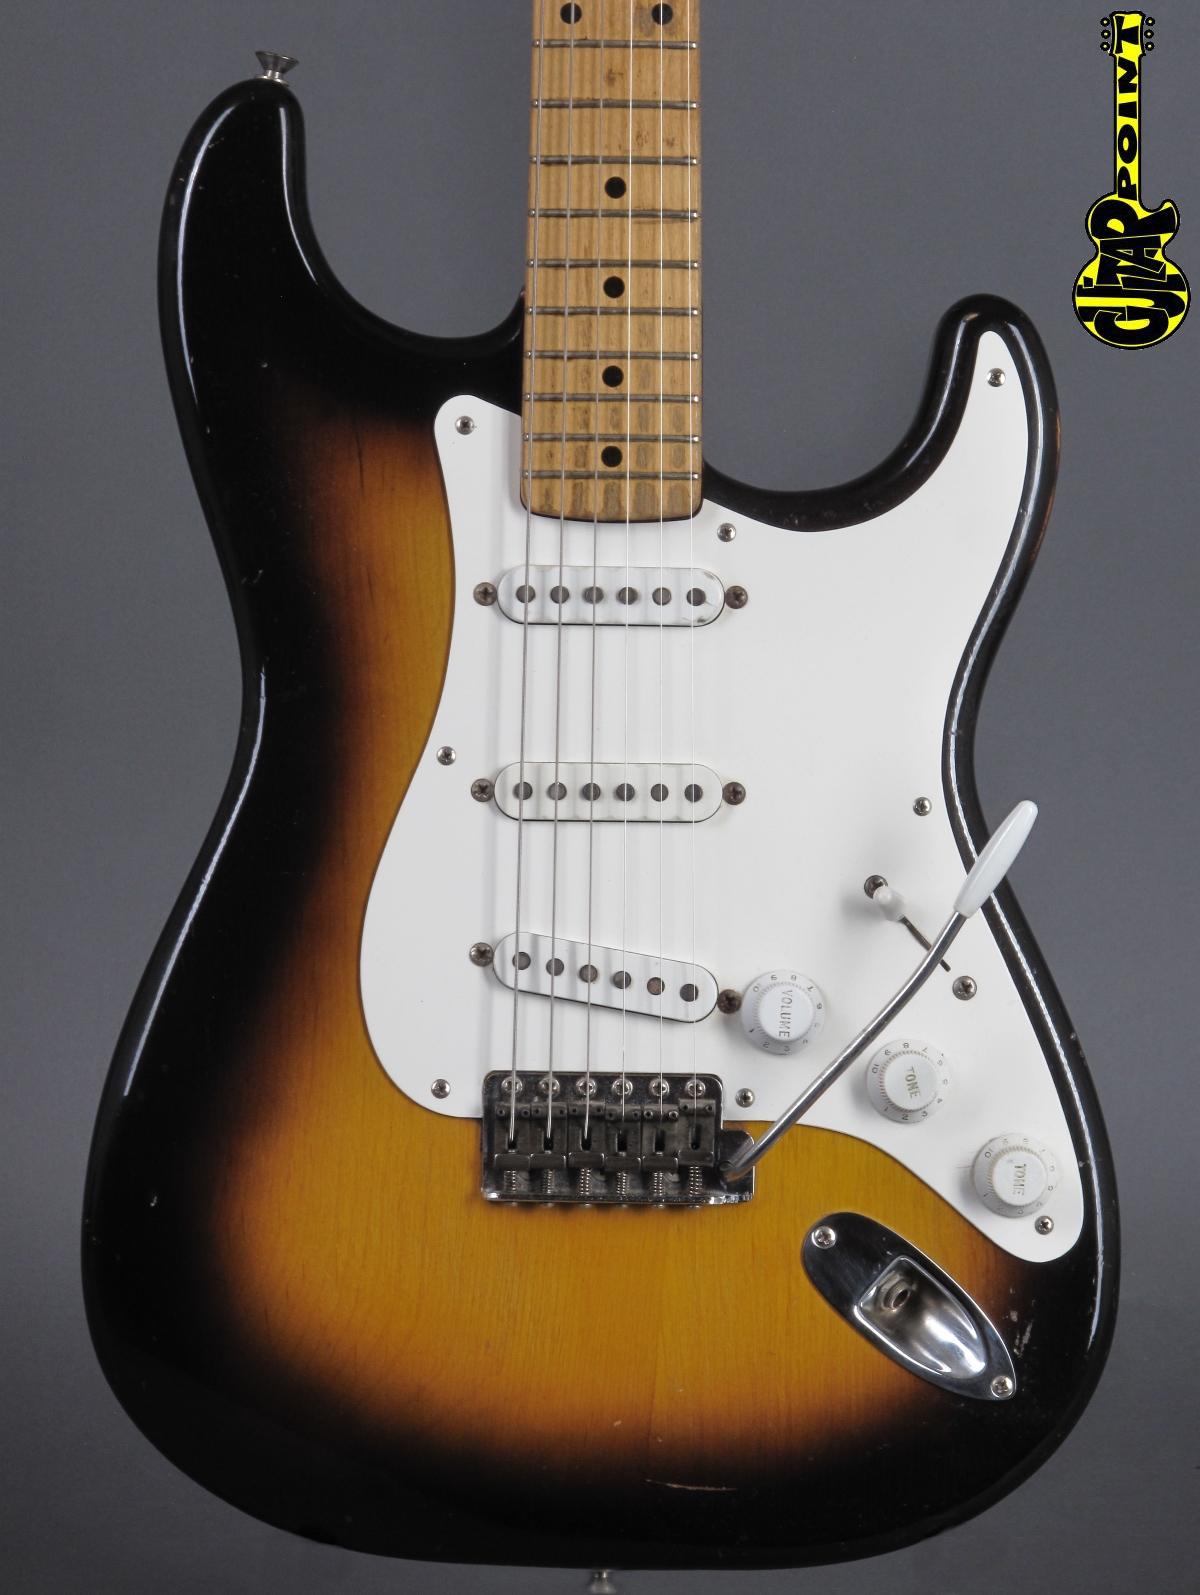 1956 Fender Stratocaster / 2-tone Sunburst